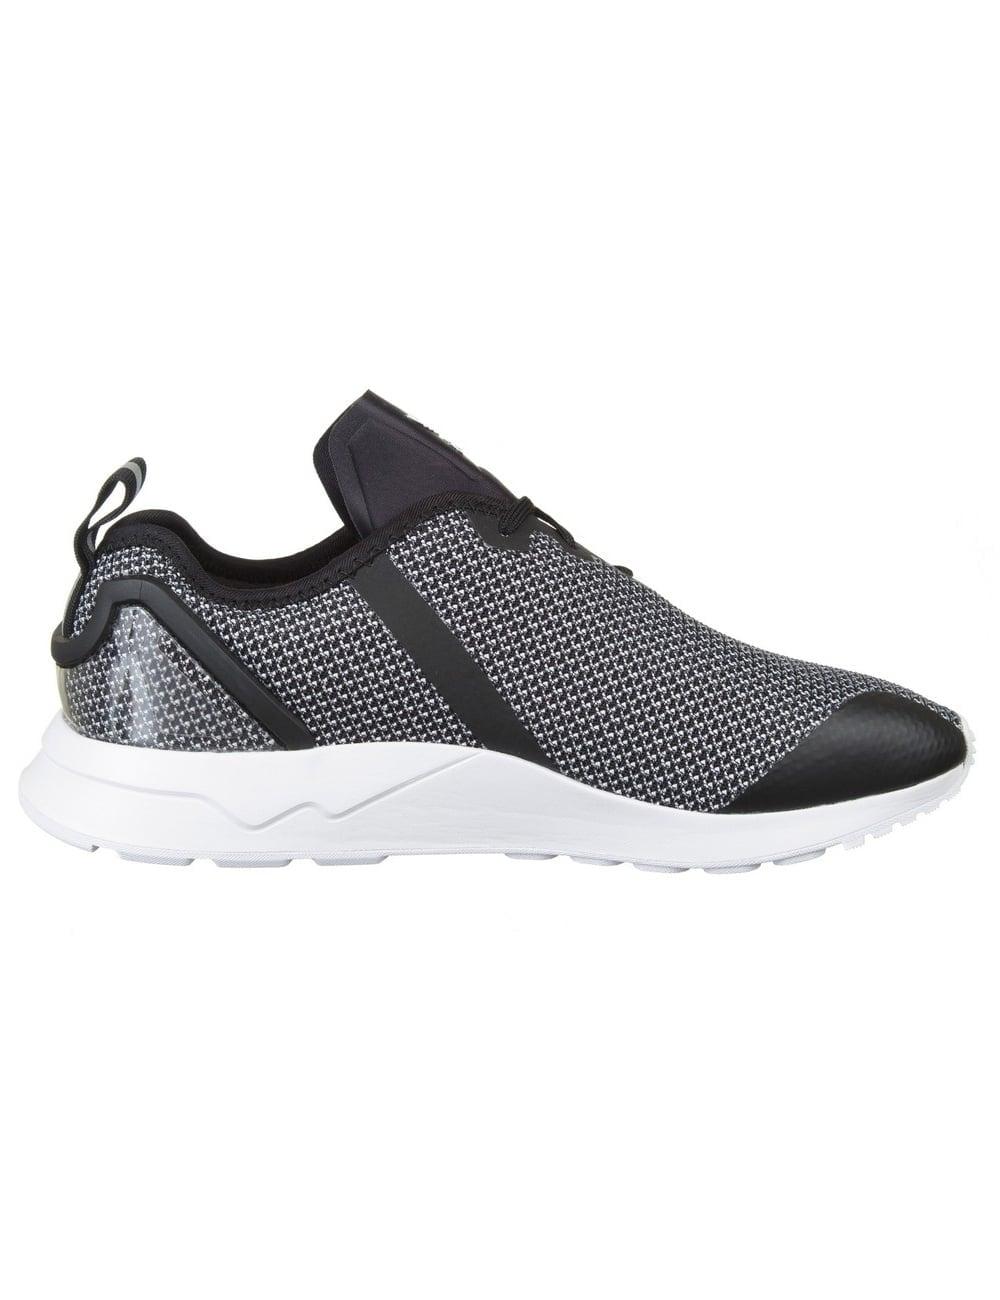 adidas zx flux quadretti